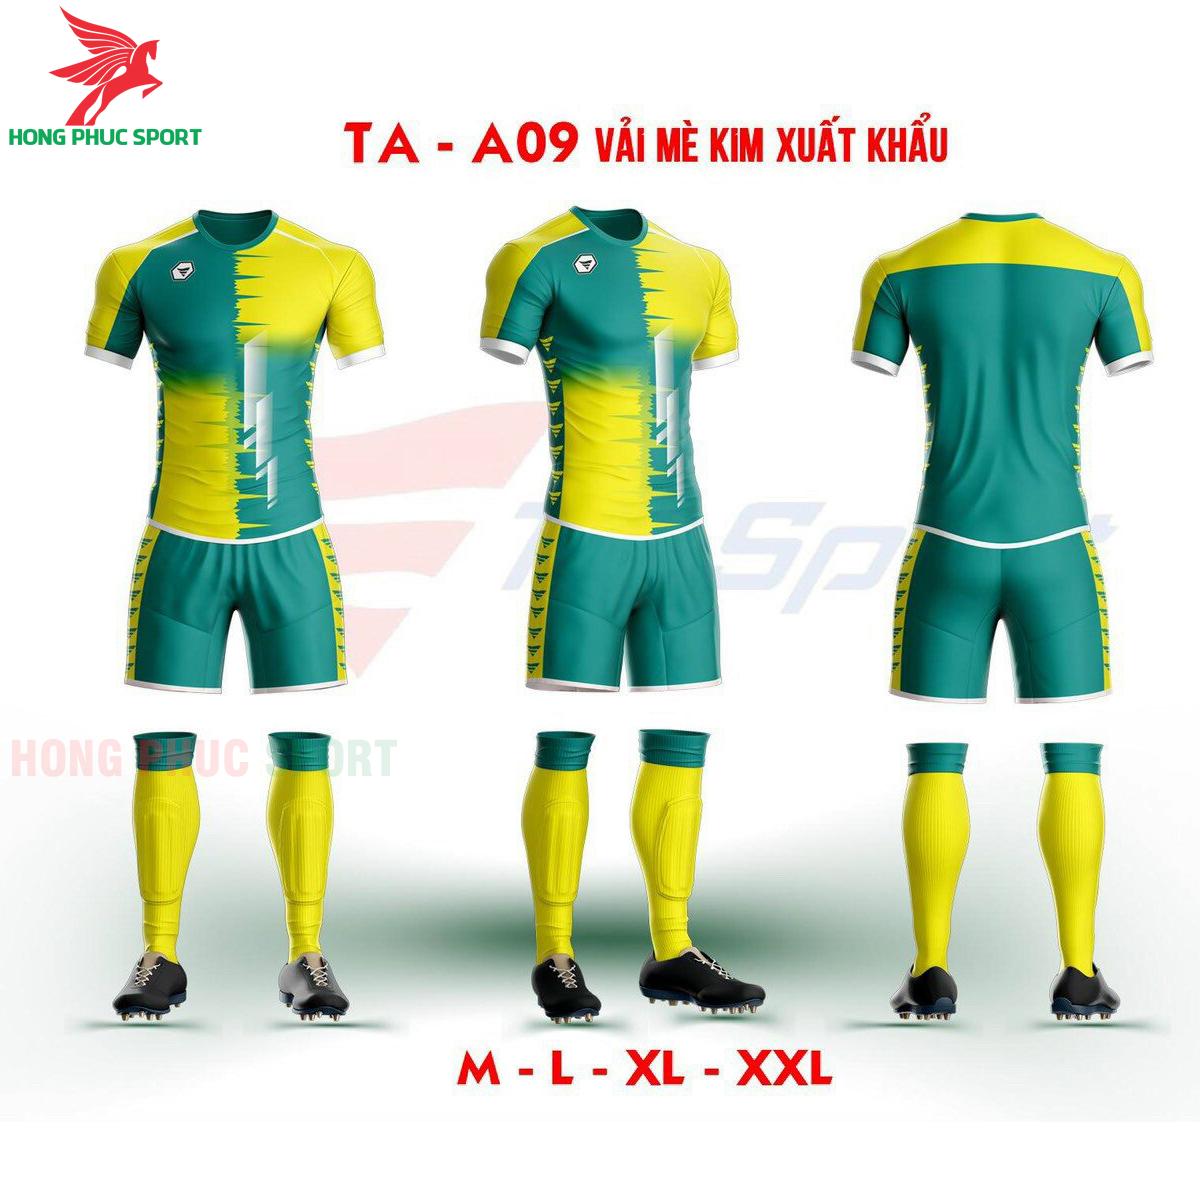 Áo bóng đá không logo TA-A09 màu Xanh lá phối Vàng